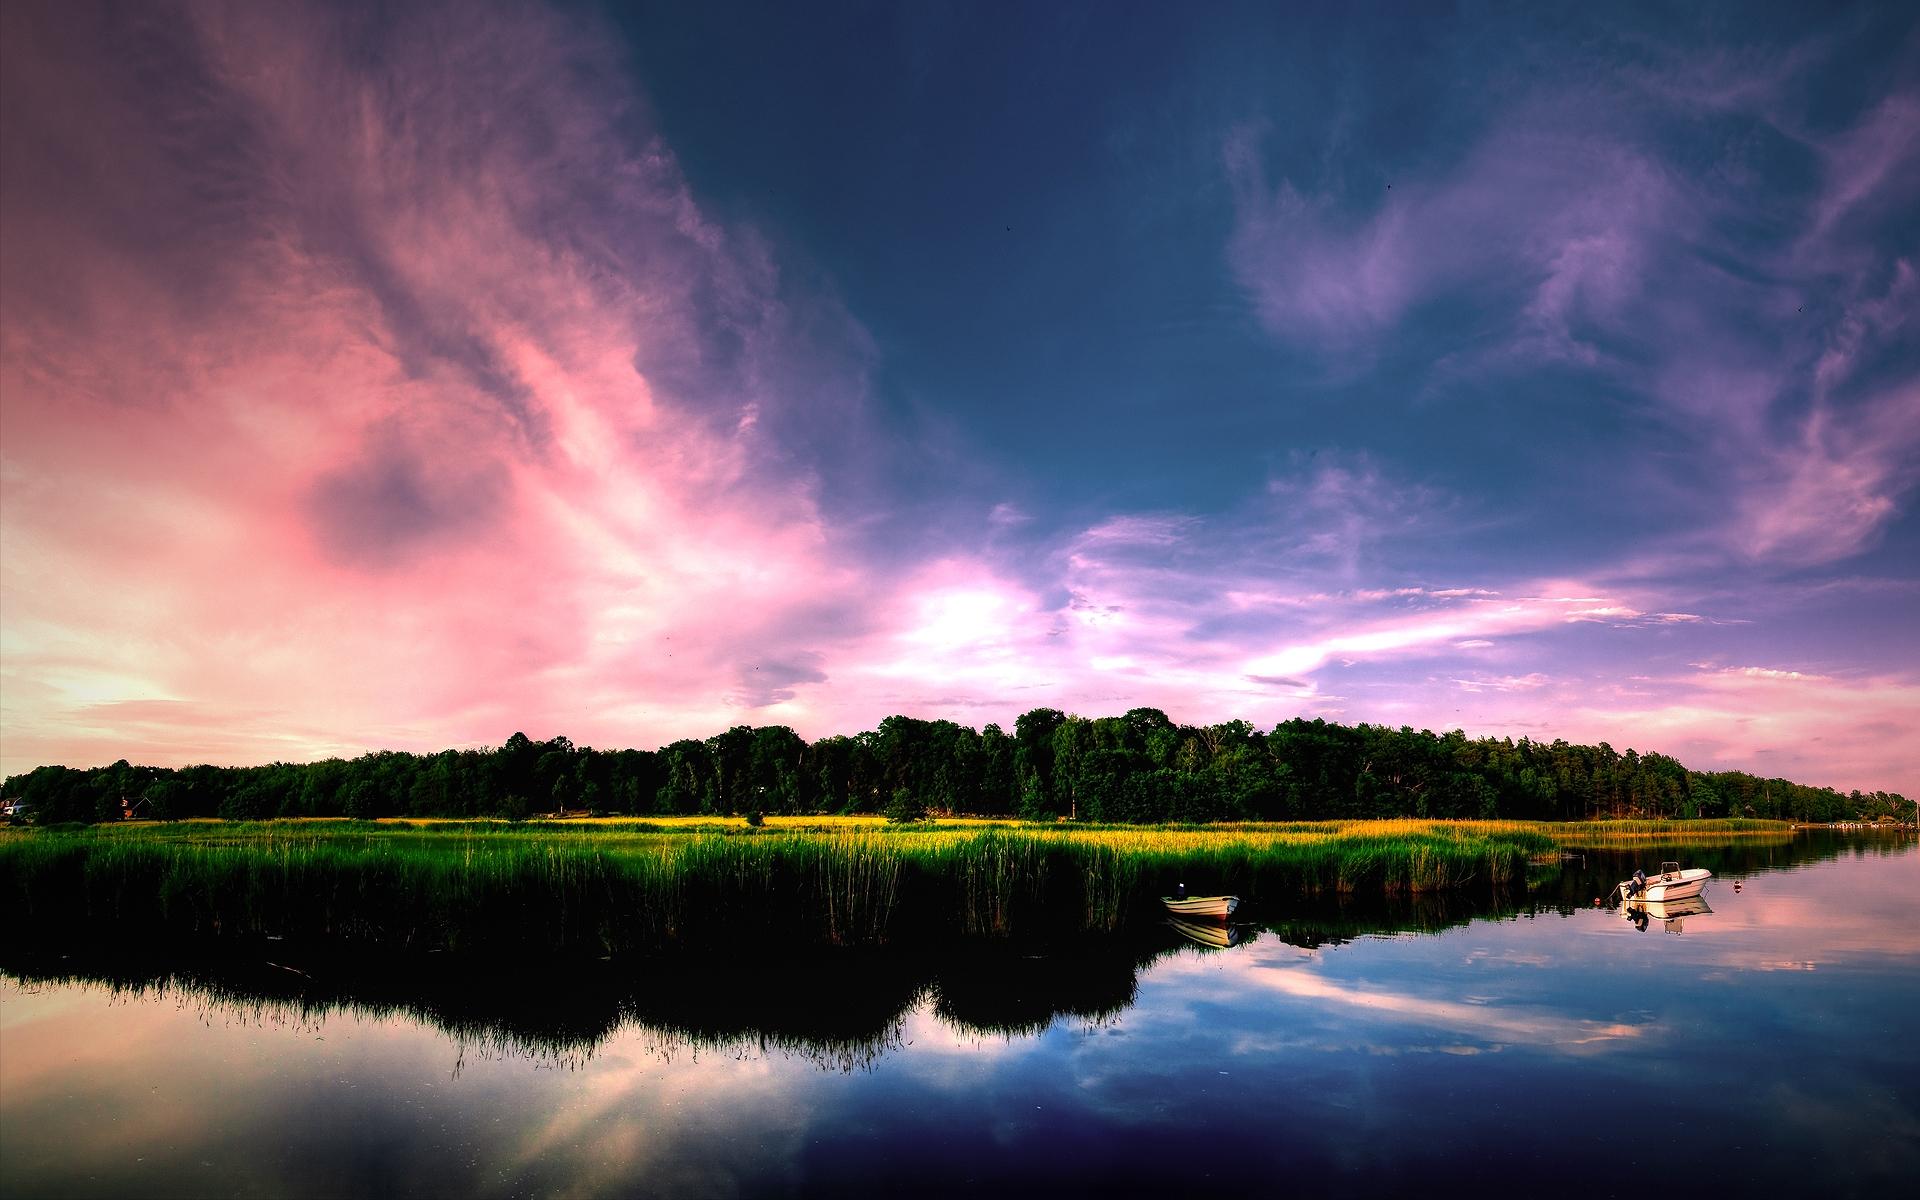 Reflejos en un lago - 1920x1200